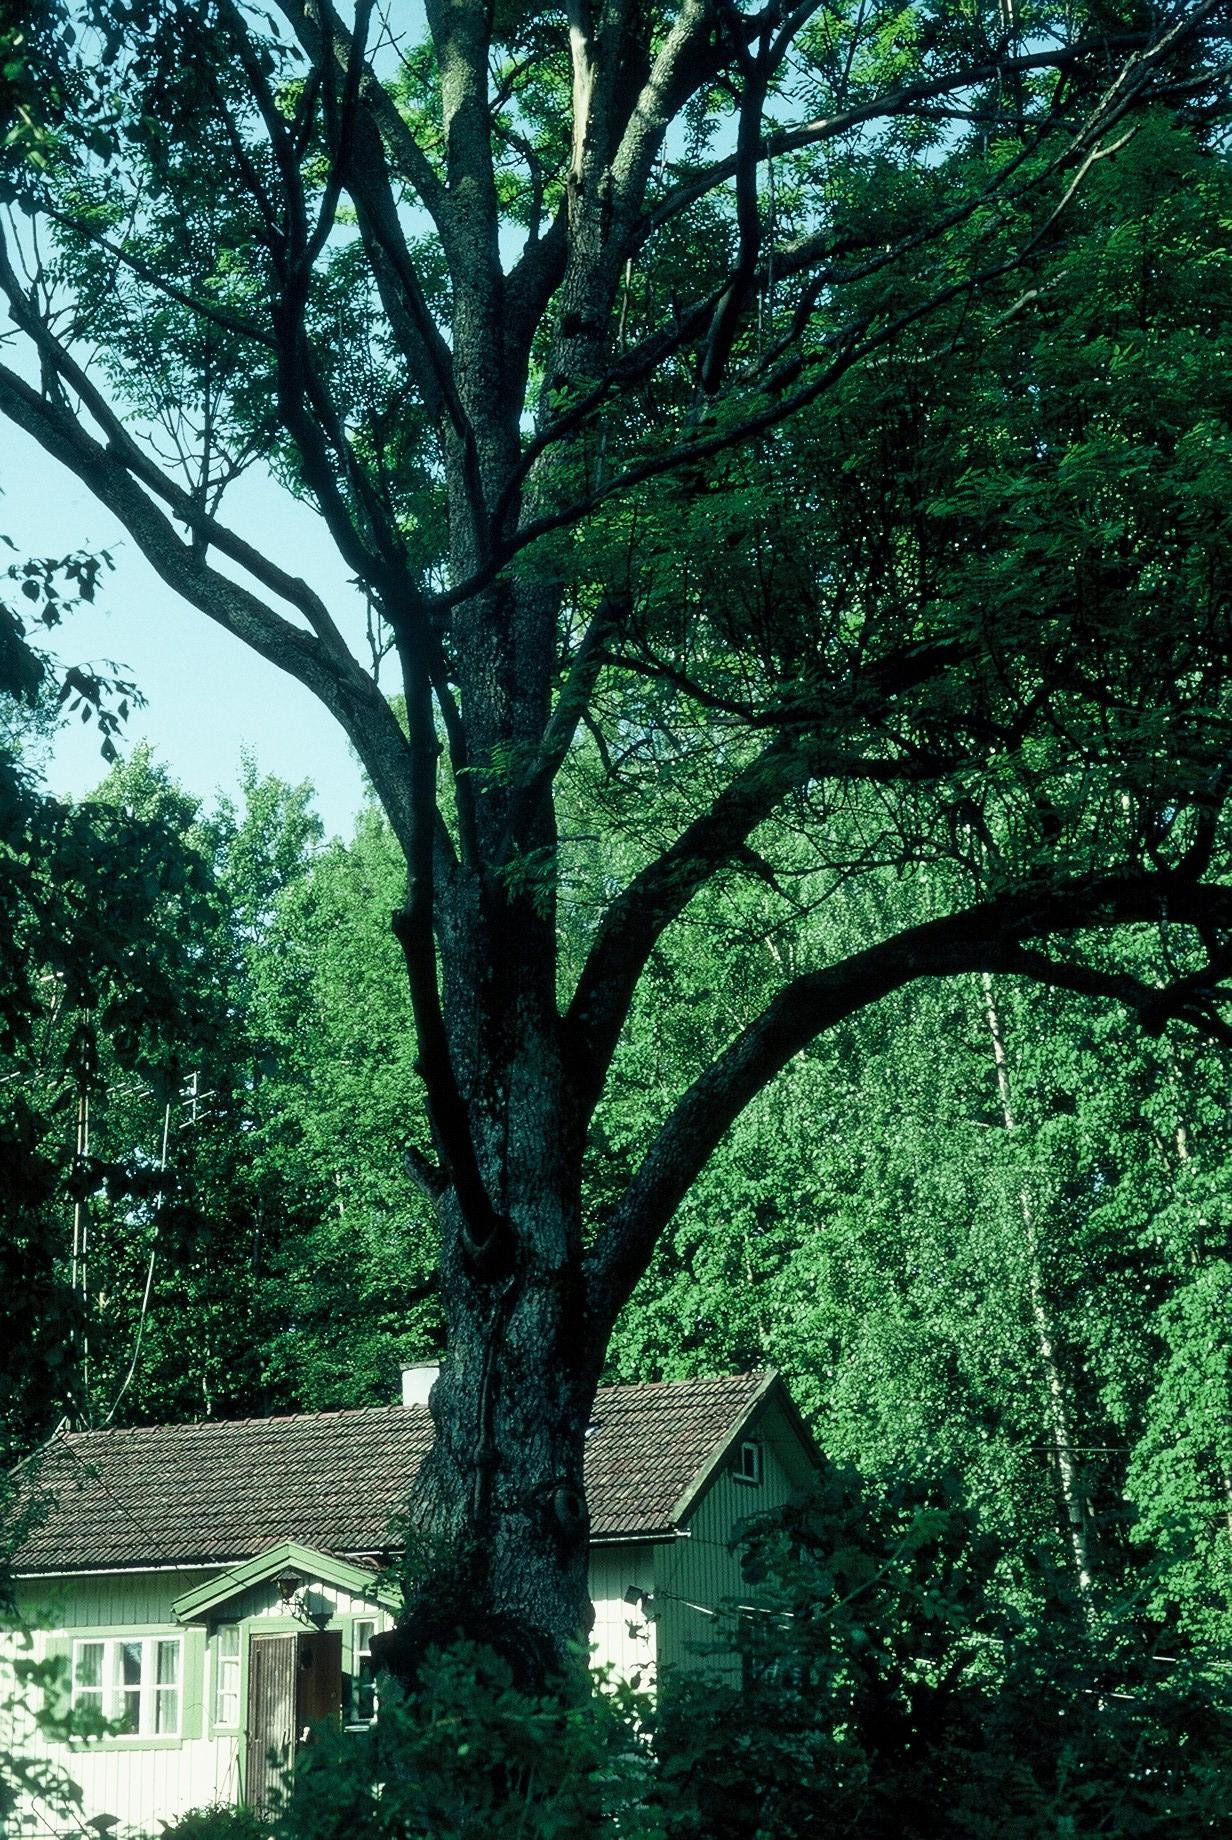 Luonnonmuistomerkki, saarni, Myllylampi, kuva Lohjan ympäristönsuojelu.